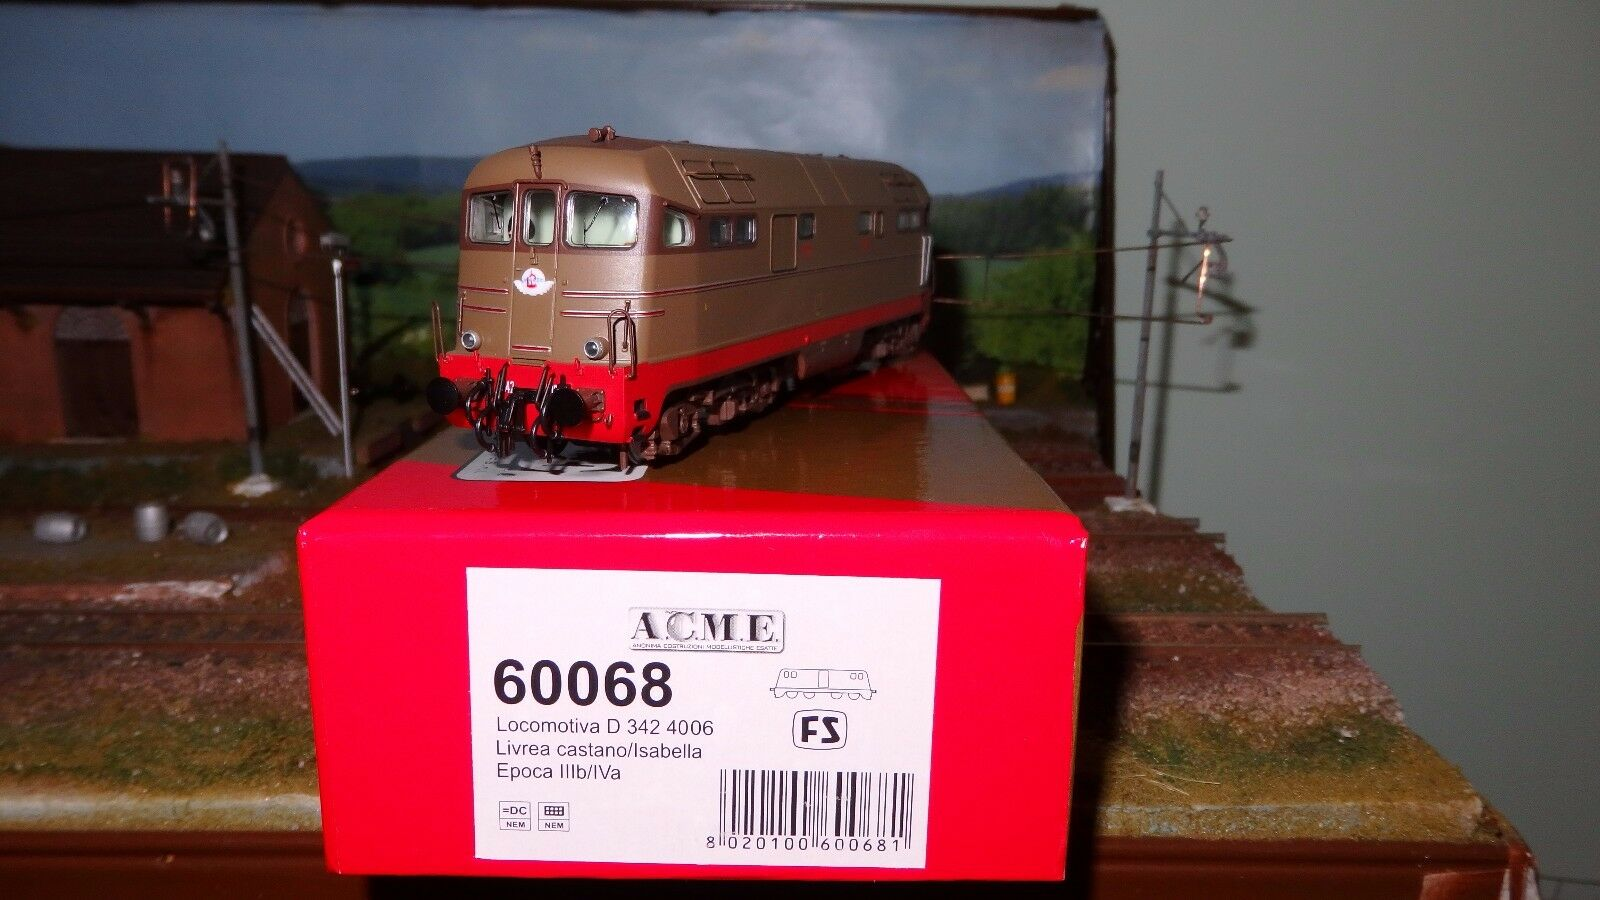 ACME 60068 D342 4006 Castano/isabella/rosso, 2 fanali, corrimani sul tetto, FS